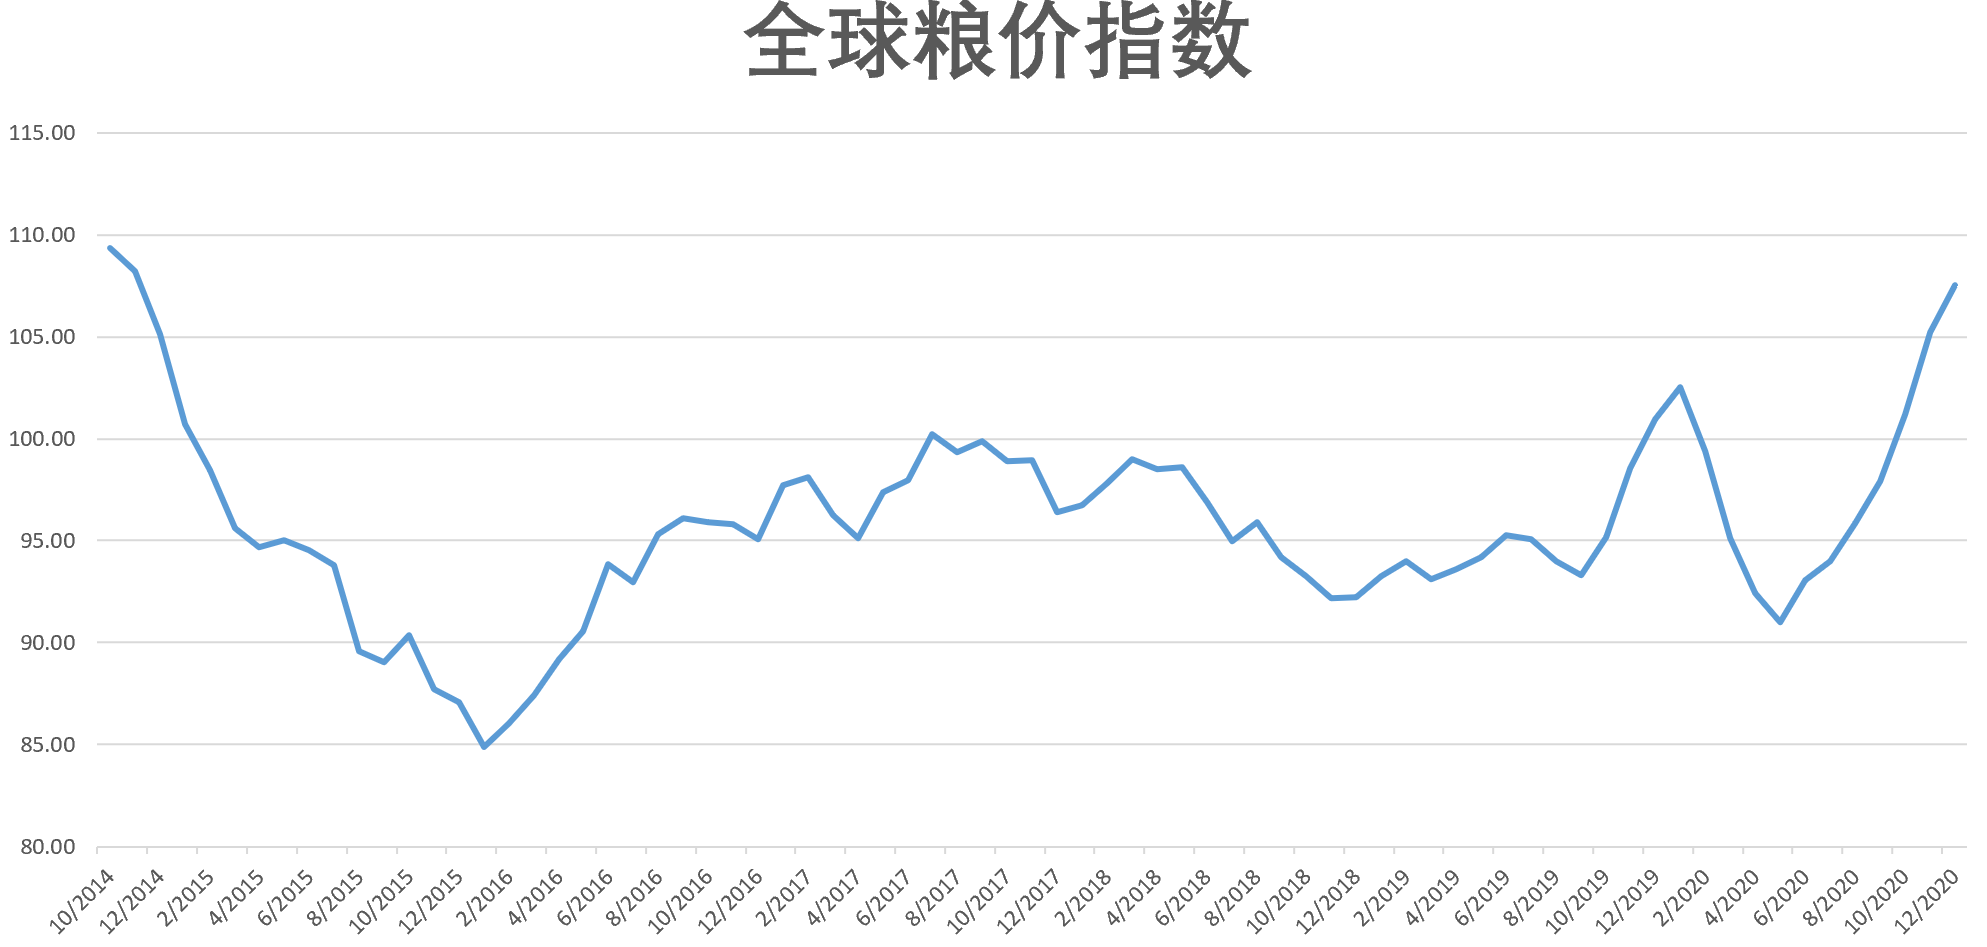 全球粮价指数创近六年新高 联合国预计仍将面临上涨压力